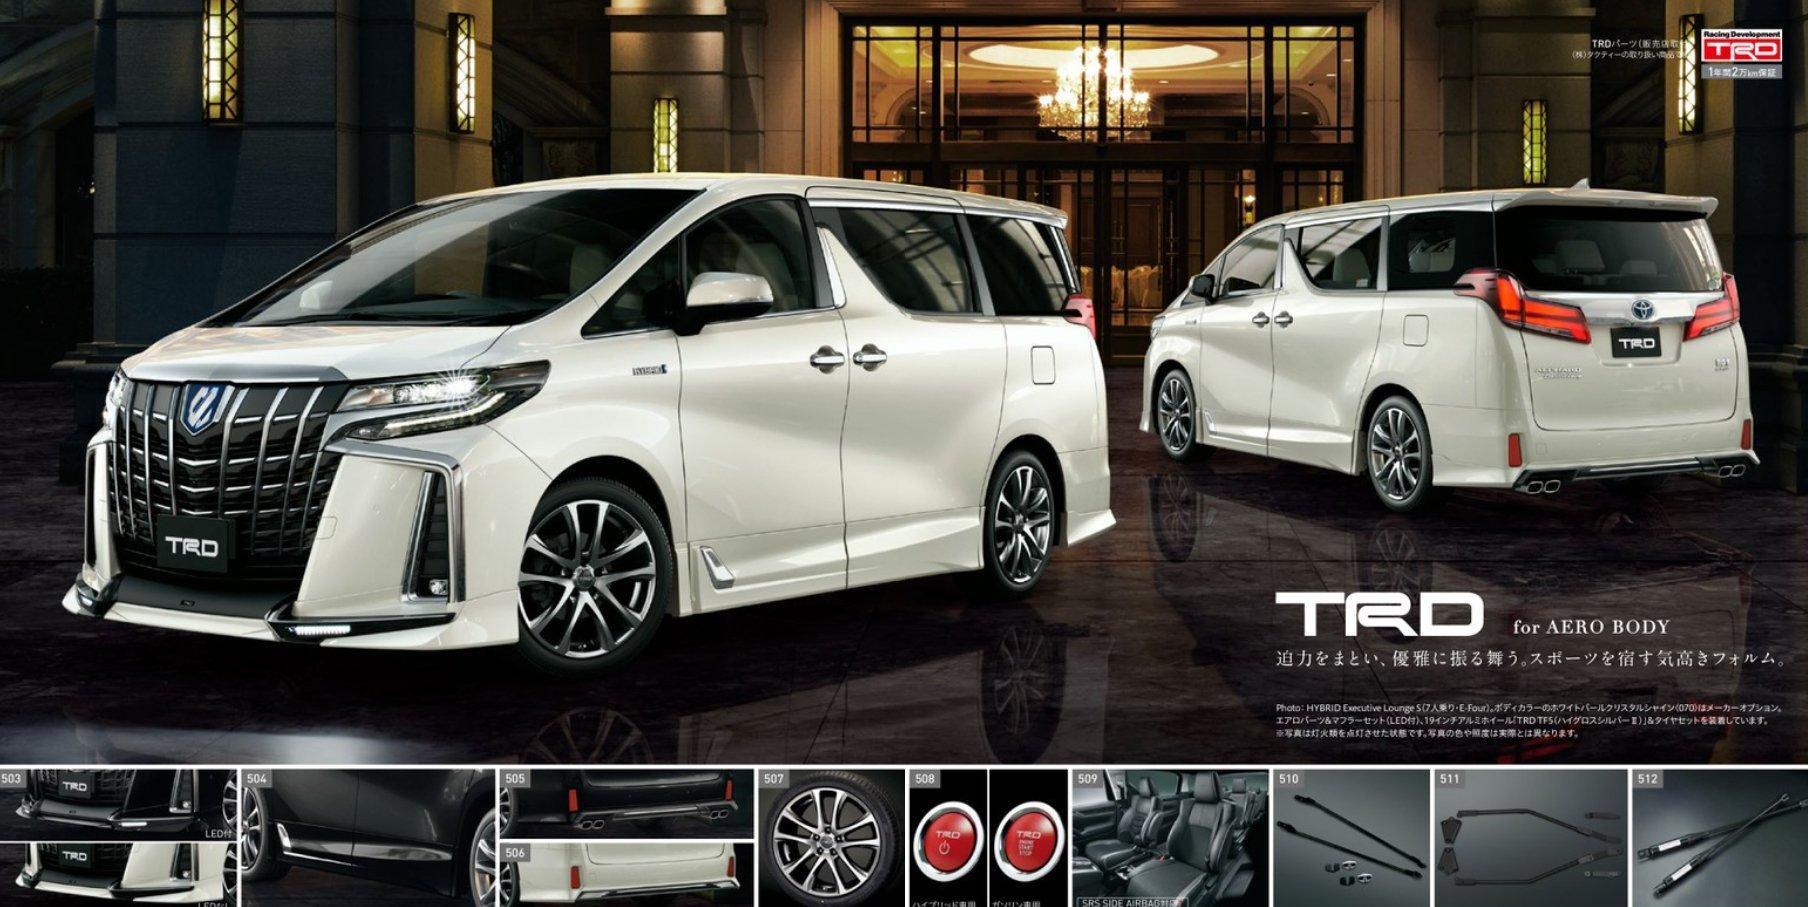 2018 Toyota Vellfire, Alphard – new Modellista, TRD kit ...